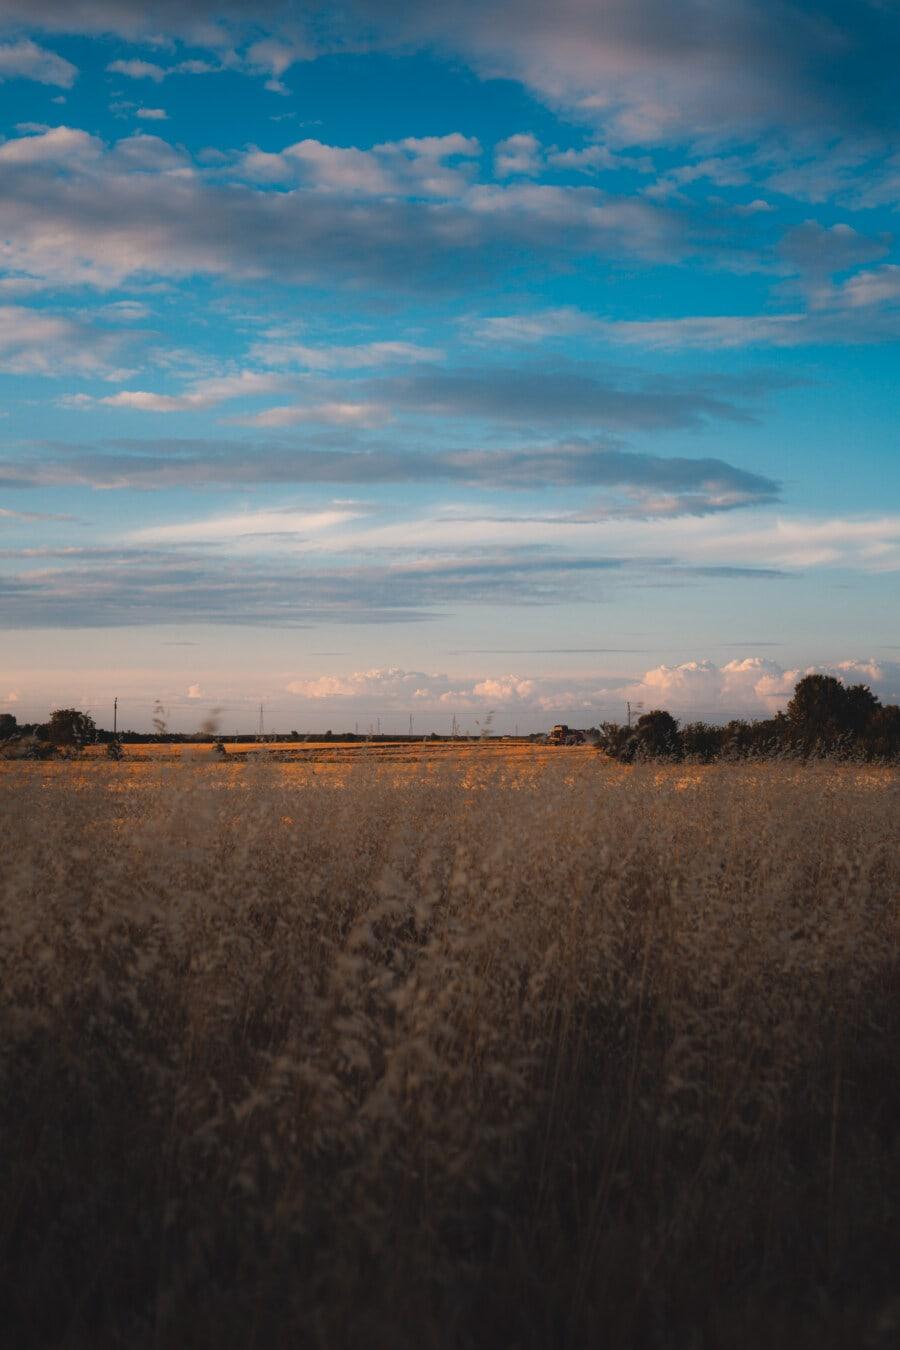 ensoleillée, journée, crépuscule, l'été, Agriculture, champ de blé, aube, atmosphère, coucher de soleil, paysage